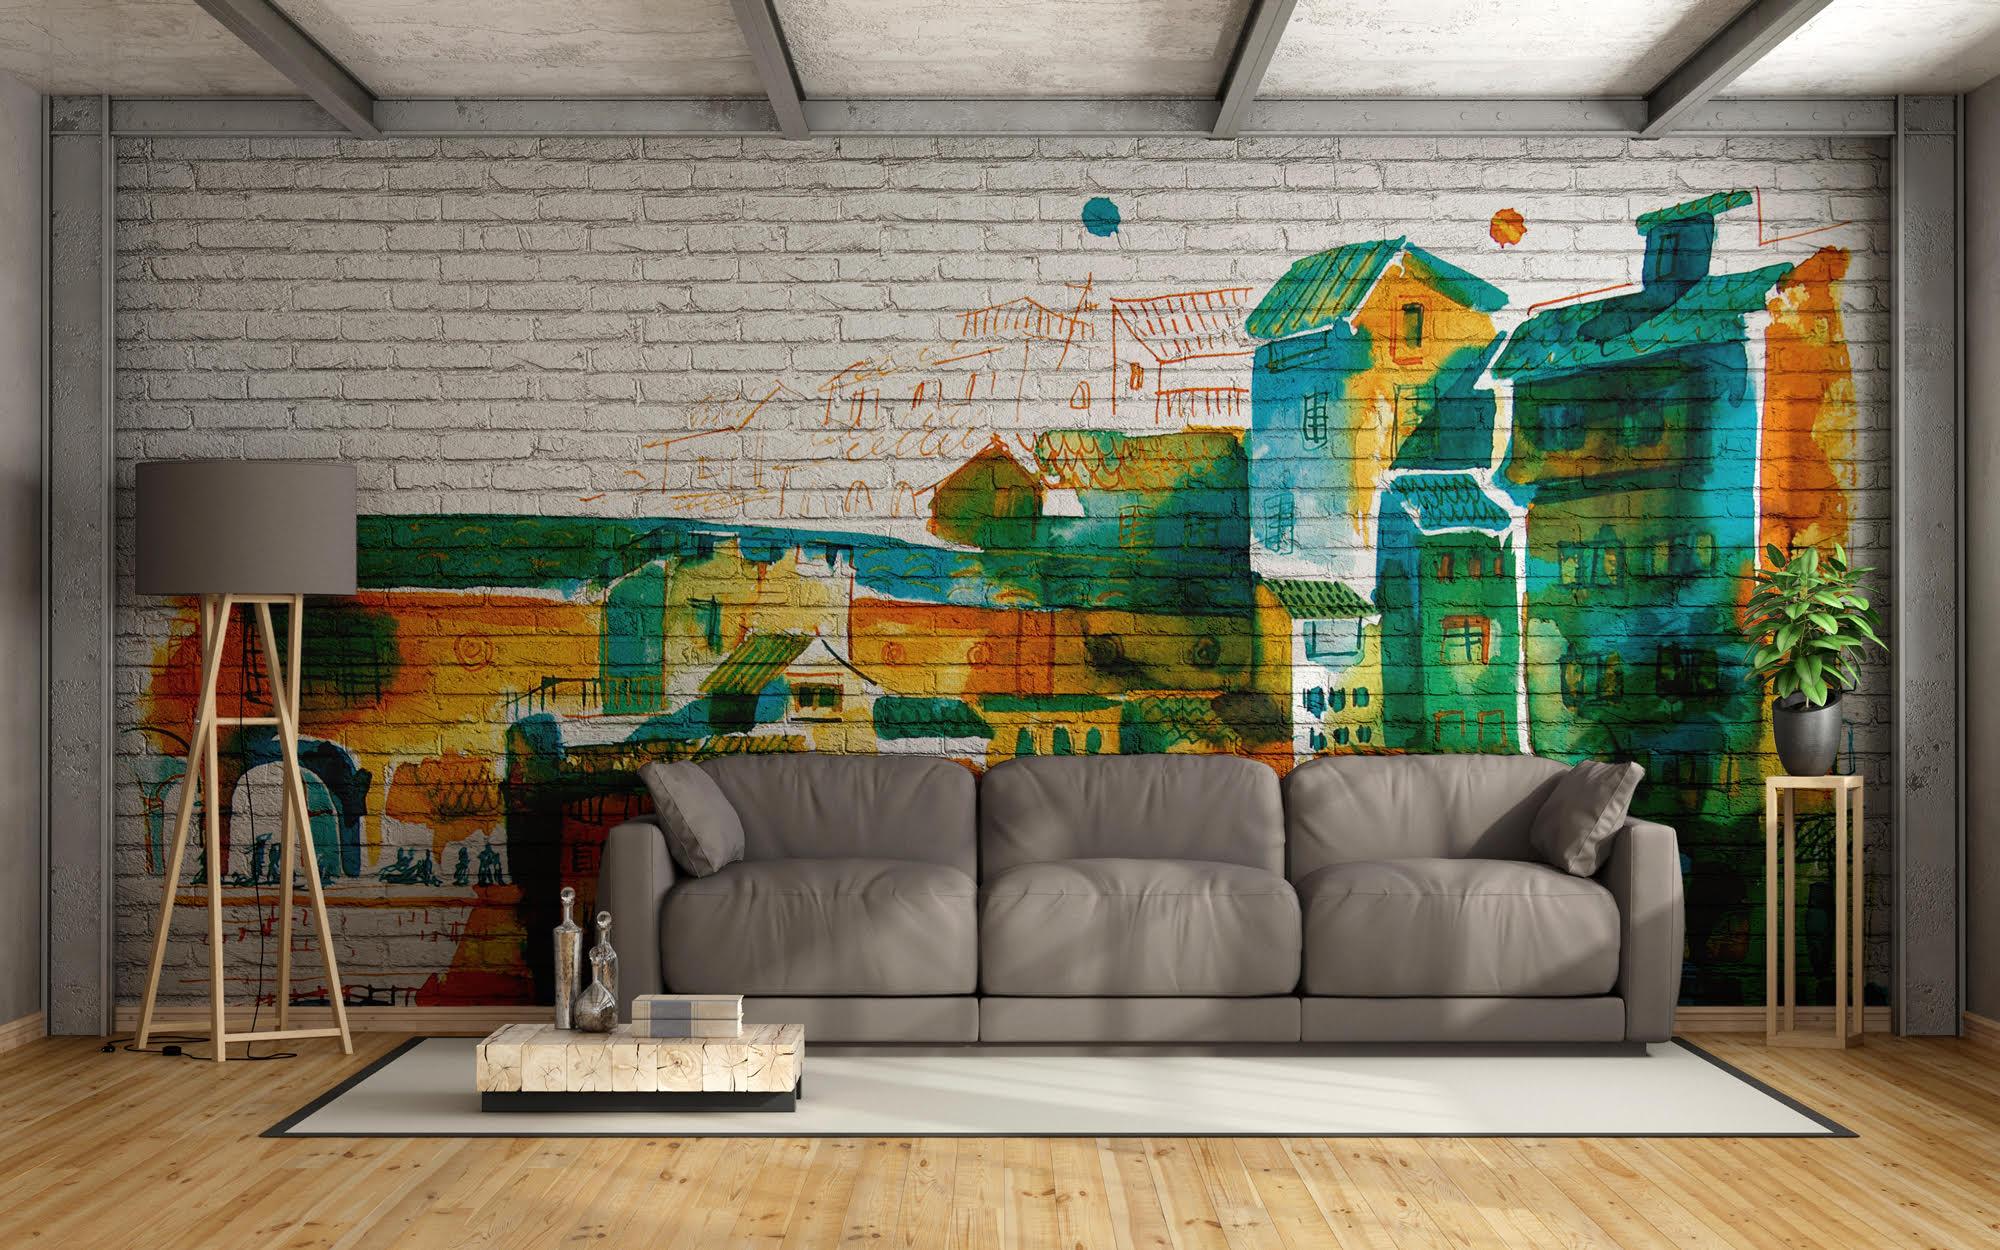 Decorazioni d 39 interni affreschi digitali e decorazioni murali artemuro - Decorazioni d interni ...